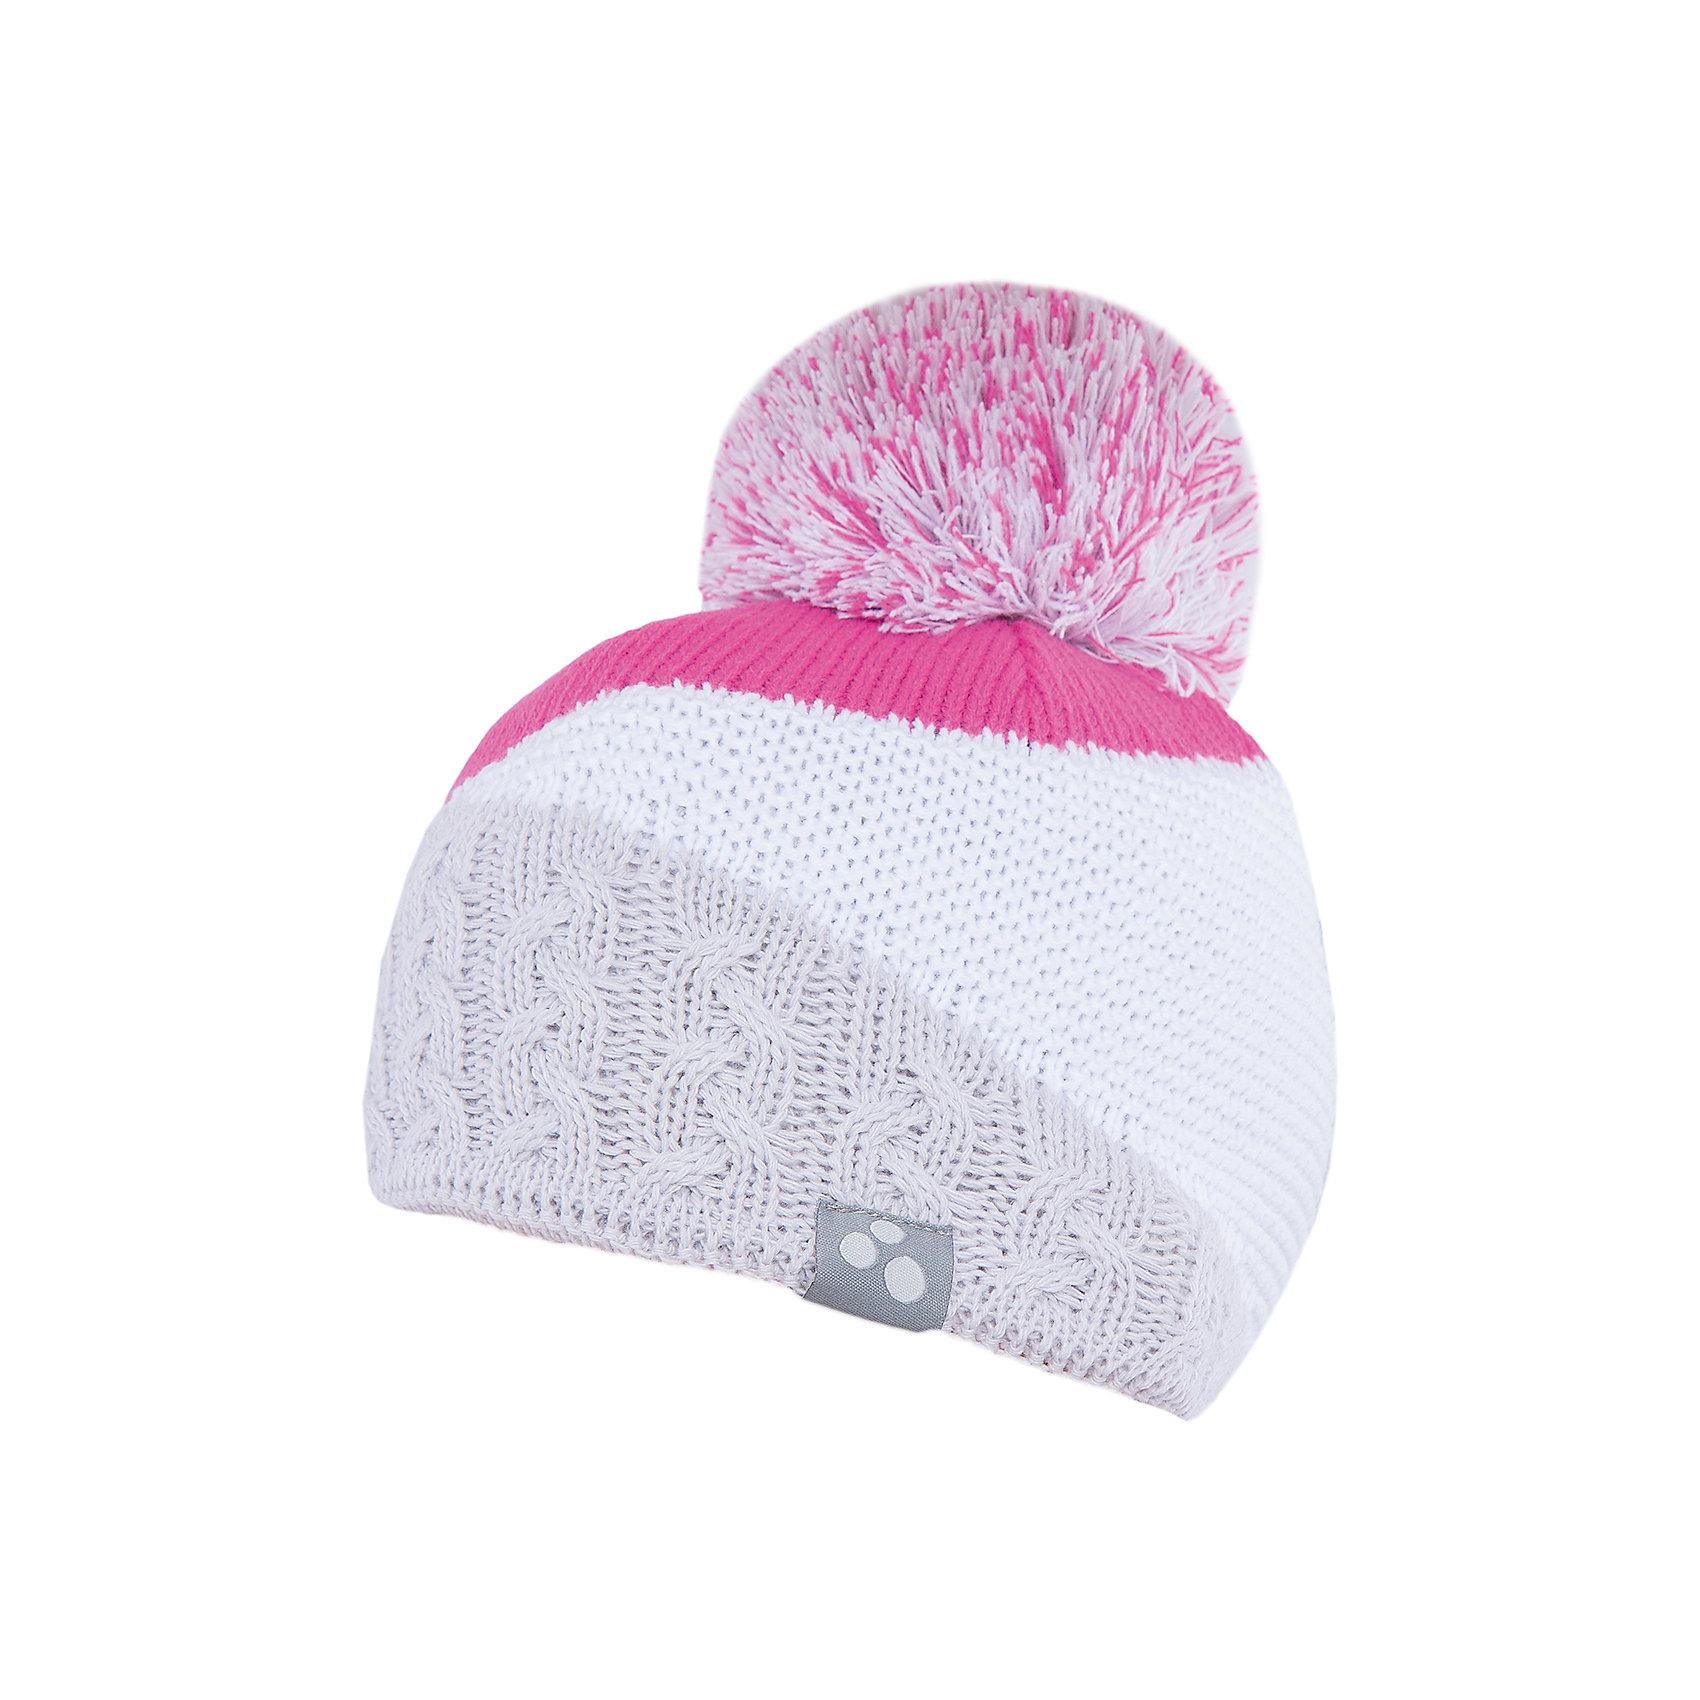 Шапка Morley HuppaЗимние<br>Вязаная шапка MORLEY Huppa(Хуппа) изготовлена из шерсти мериноса и акрила. Шапка украшена двухцветным помпоном, рисунком разрезы и вывязанными косичками по нижнему краю. На шапке присутствуют светоотражающие элементы. Отлично смотрится со спортивной одеждой.<br><br>Дополнительная информация:<br>Материал: 50% шерсть мериноса, 50% акрил<br>Цвет: белый/розовый<br><br>Вязаную шапку MORLEY Huppa(Хуппа) можно приобрести в нашем интернет-магазине.<br><br>Ширина мм: 89<br>Глубина мм: 117<br>Высота мм: 44<br>Вес г: 155<br>Цвет: серый<br>Возраст от месяцев: 84<br>Возраст до месяцев: 120<br>Пол: Женский<br>Возраст: Детский<br>Размер: 51-53,55-57,55-57<br>SKU: 4928882